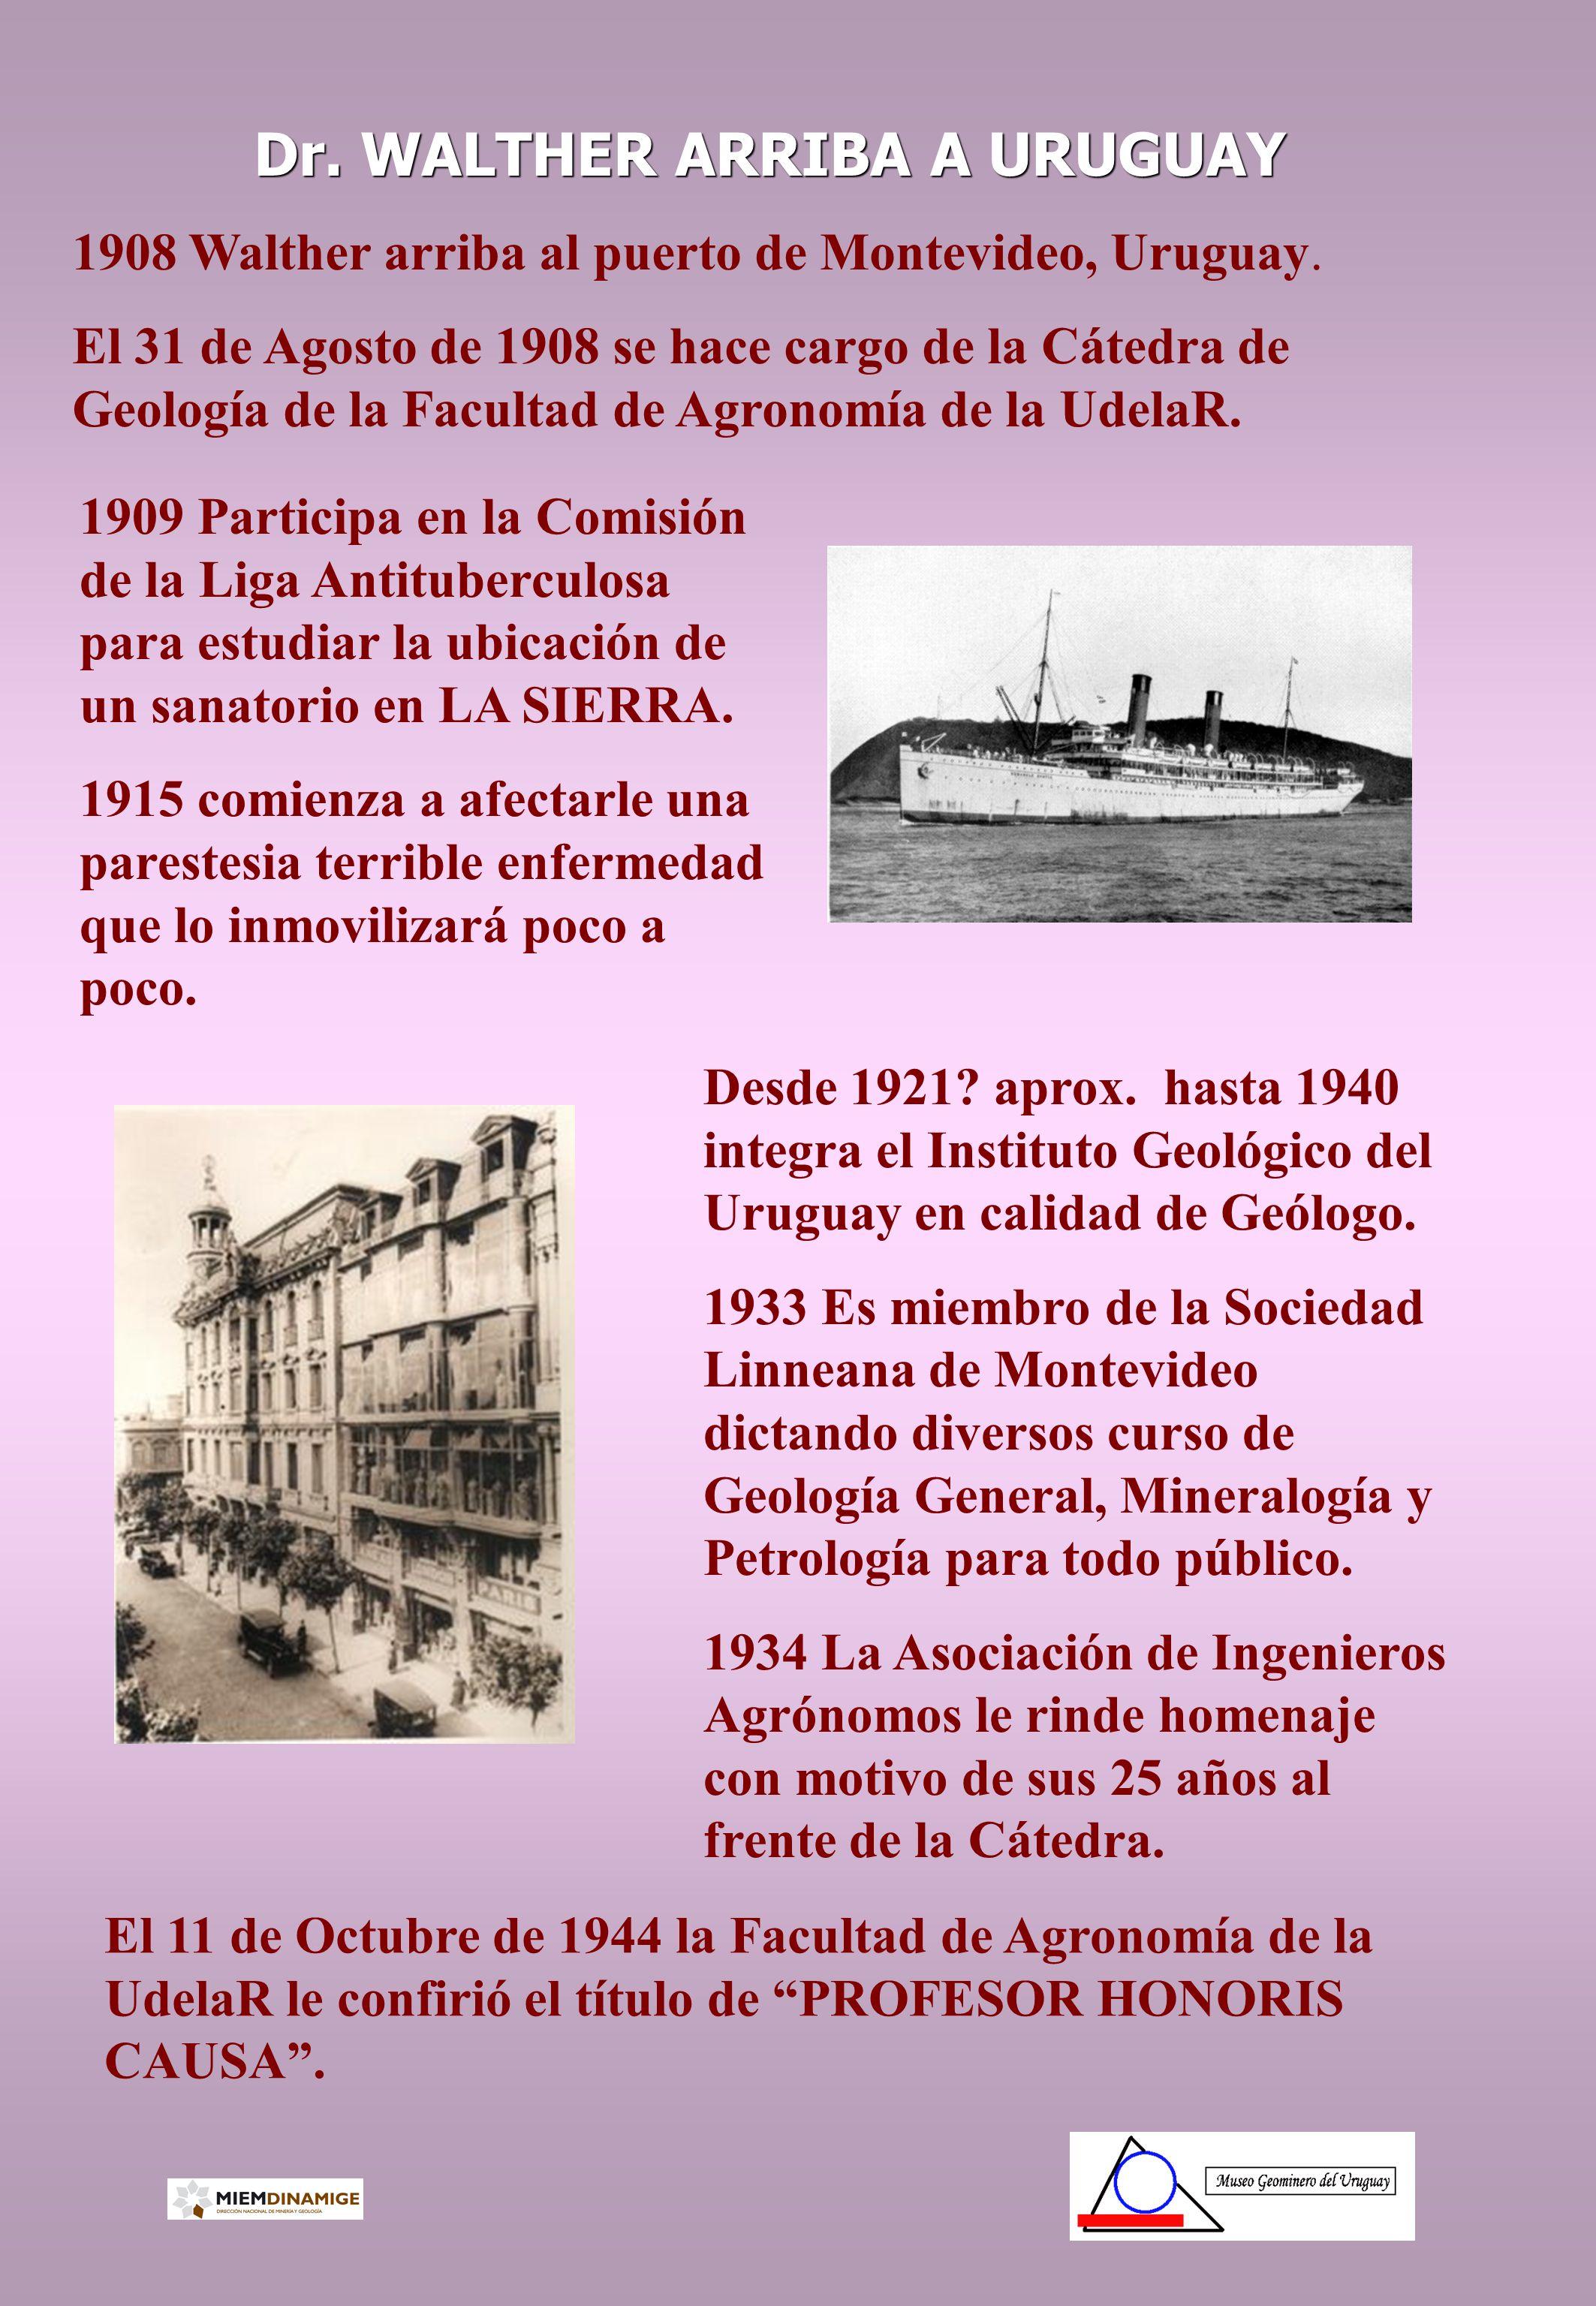 Dr. WALTHER ARRIBA A URUGUAY 1908 Walther arriba al puerto de Montevideo, Uruguay. El 31 de Agosto de 1908 se hace cargo de la Cátedra de Geología de